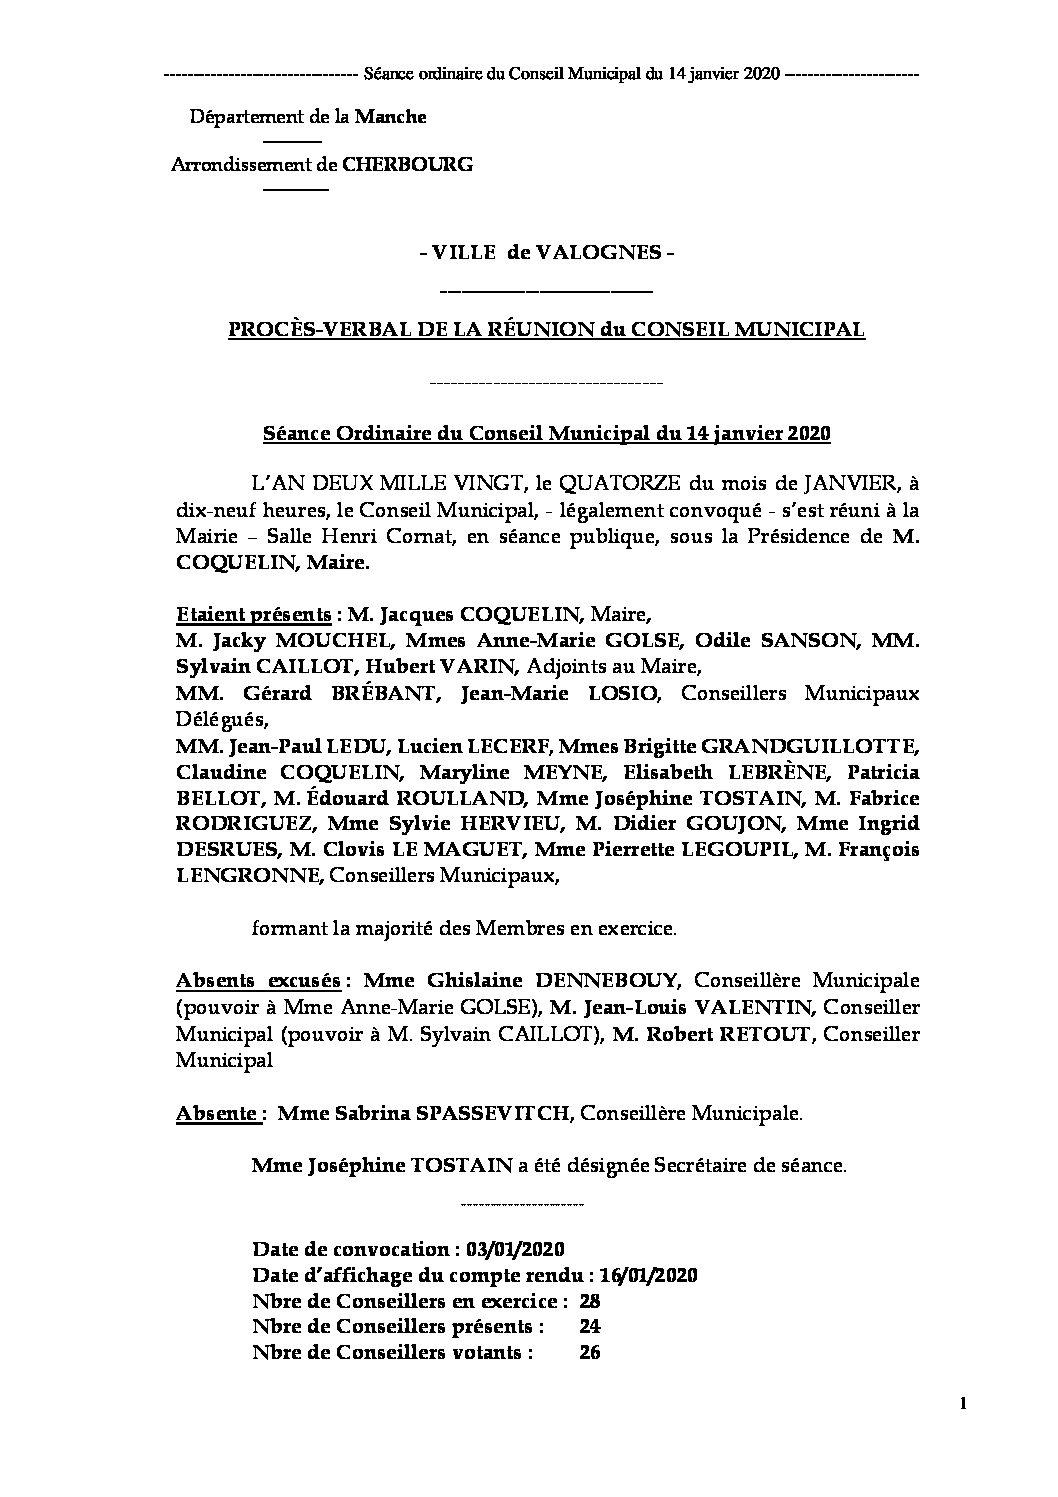 Procès-verbal de séance 14 01 20 - Procès-verbal de la réunion du Conseil Municipal du 14 janvier 2020 approuvé à l